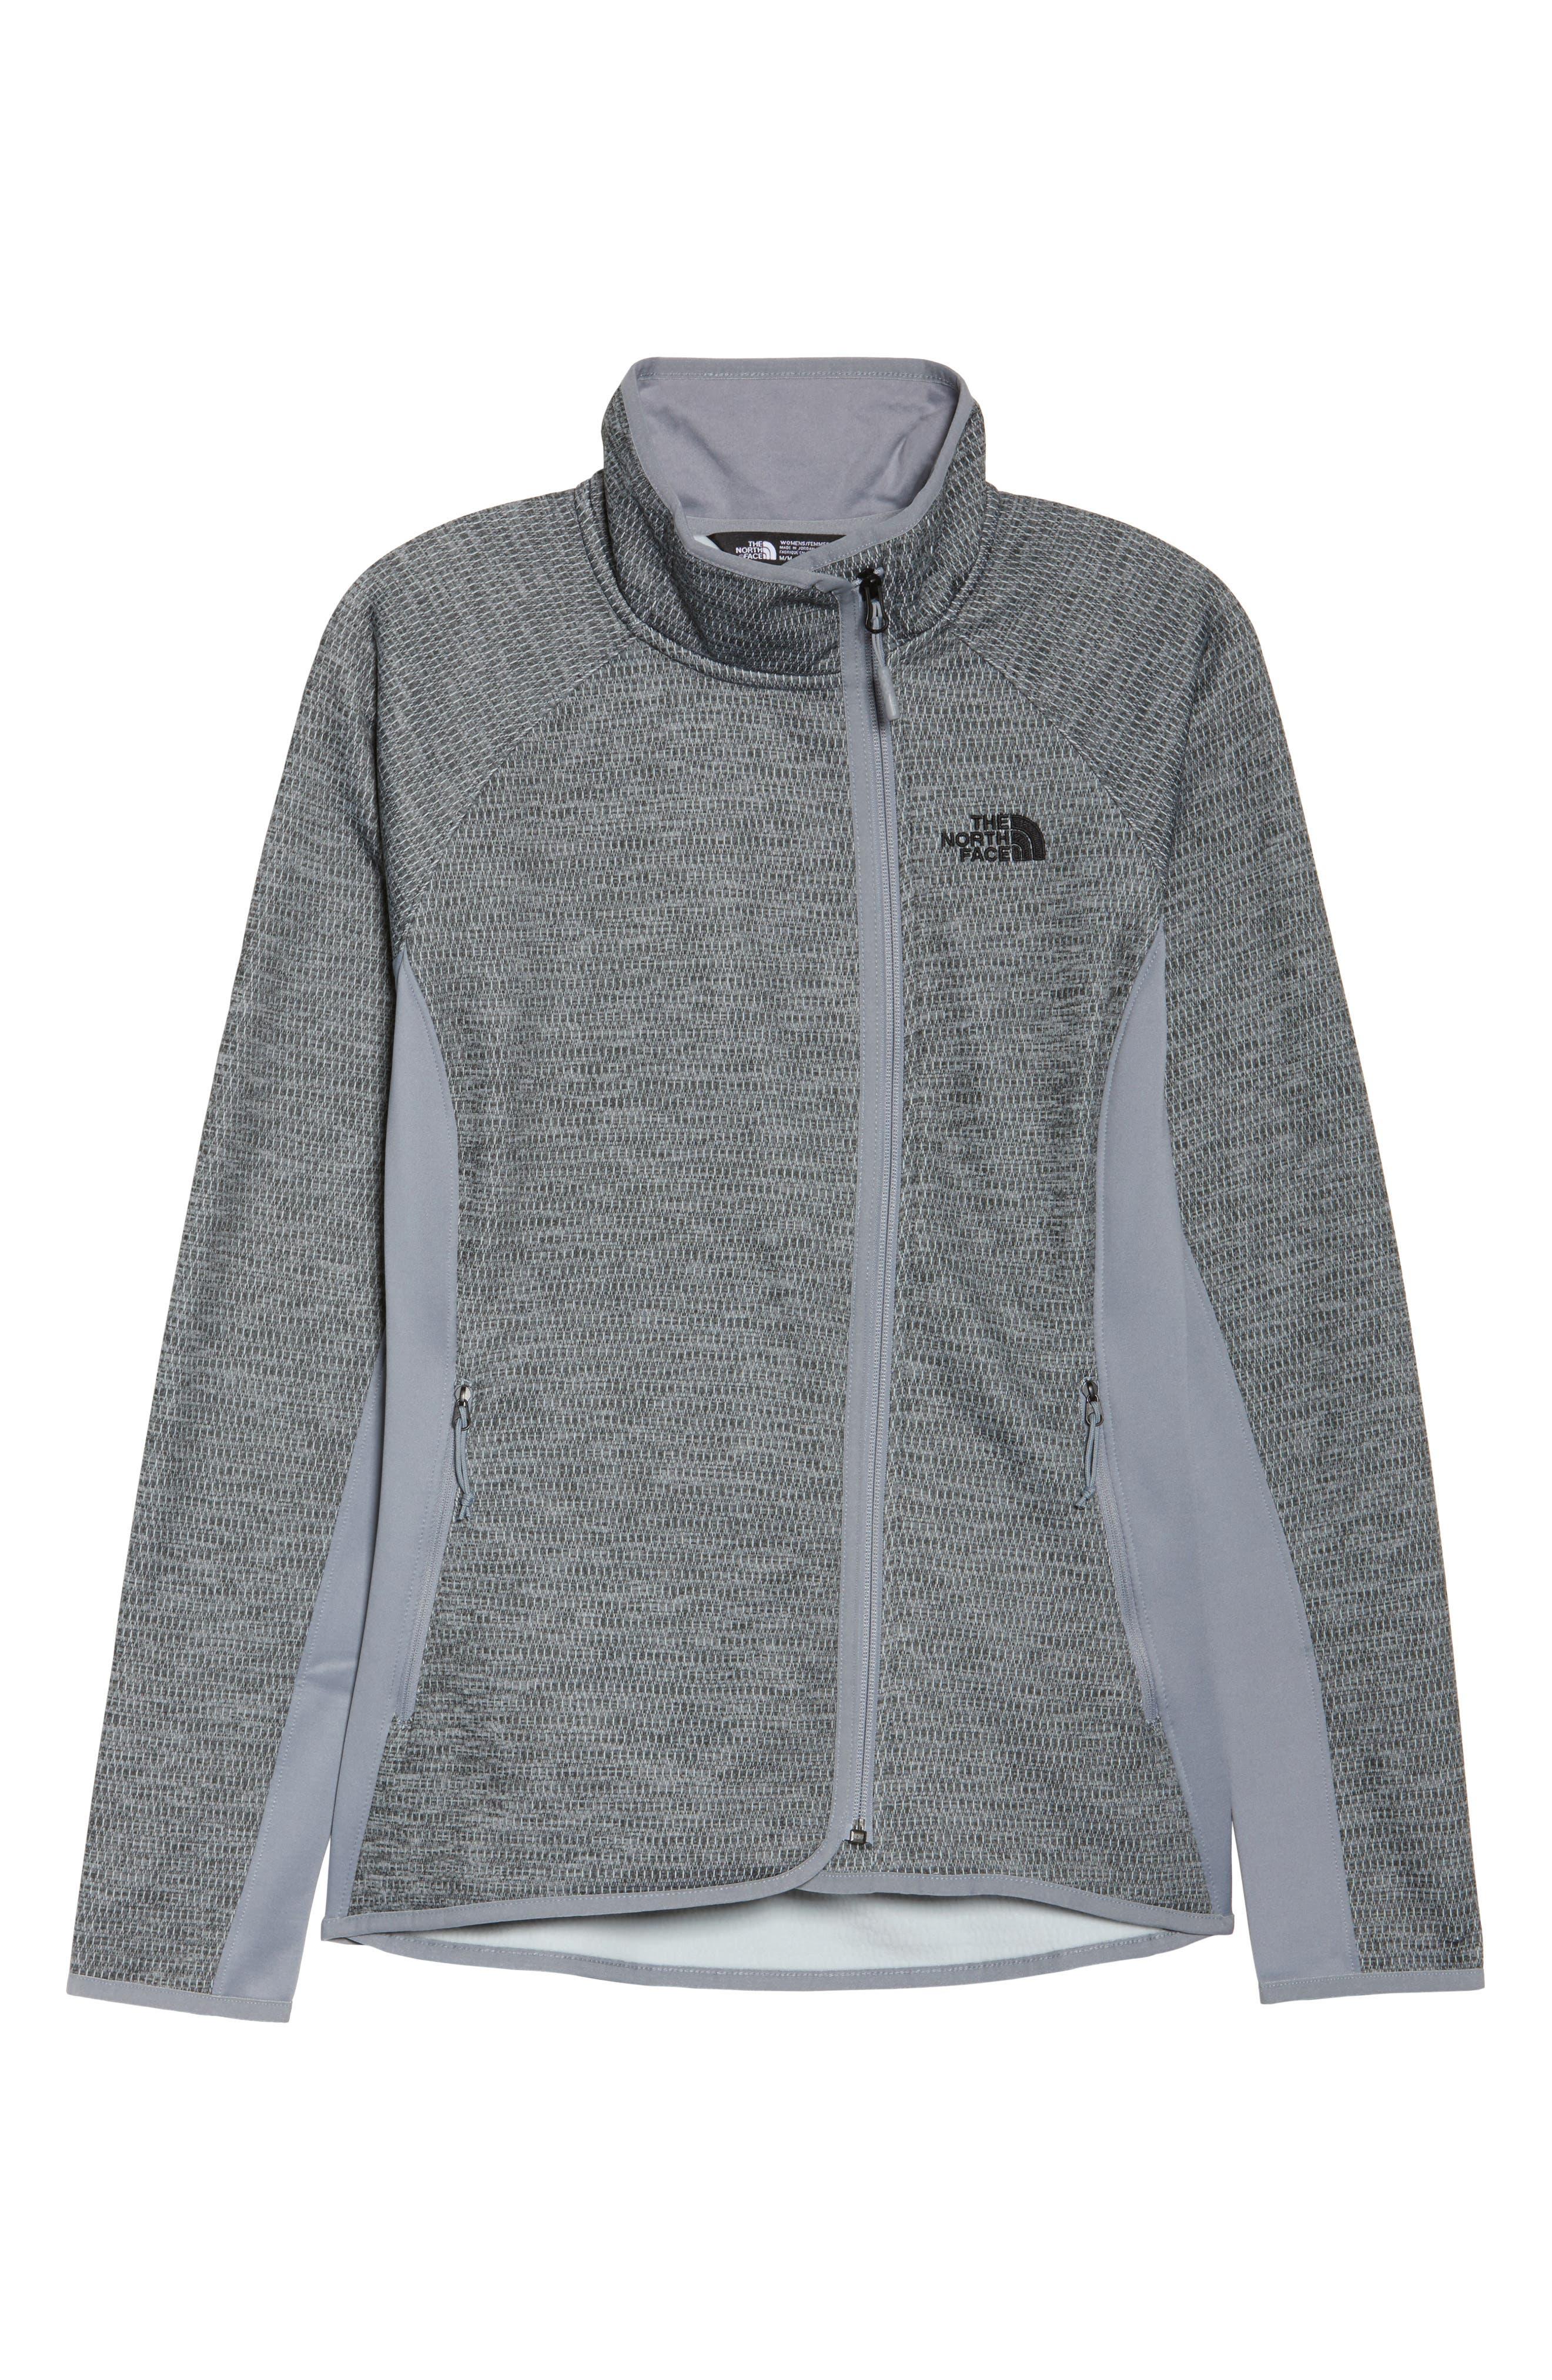 Arcata Zip Jacket,                             Alternate thumbnail 7, color,                             Tnf Mid Grey Heather/ Black